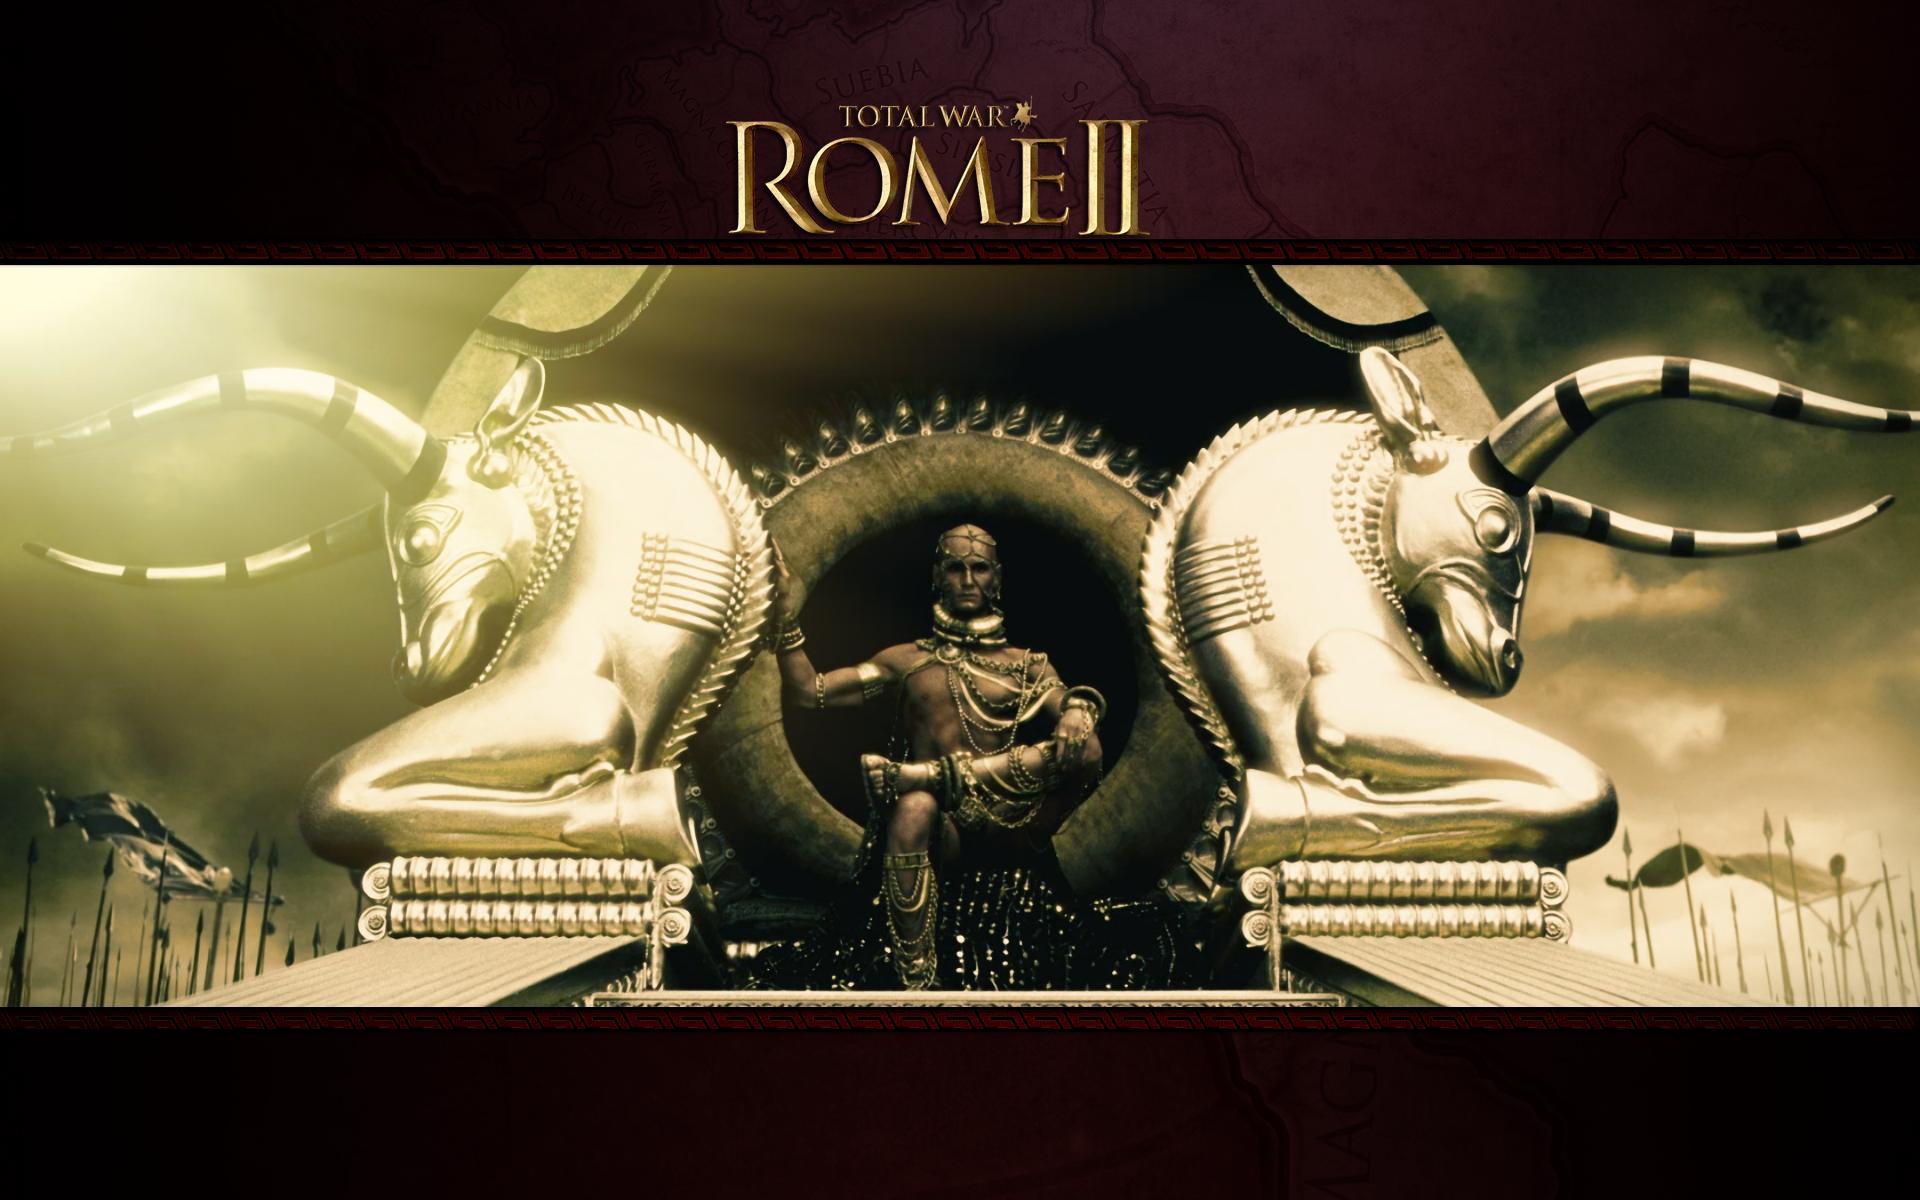 罗马2:全面战争绝美读取画面整合包